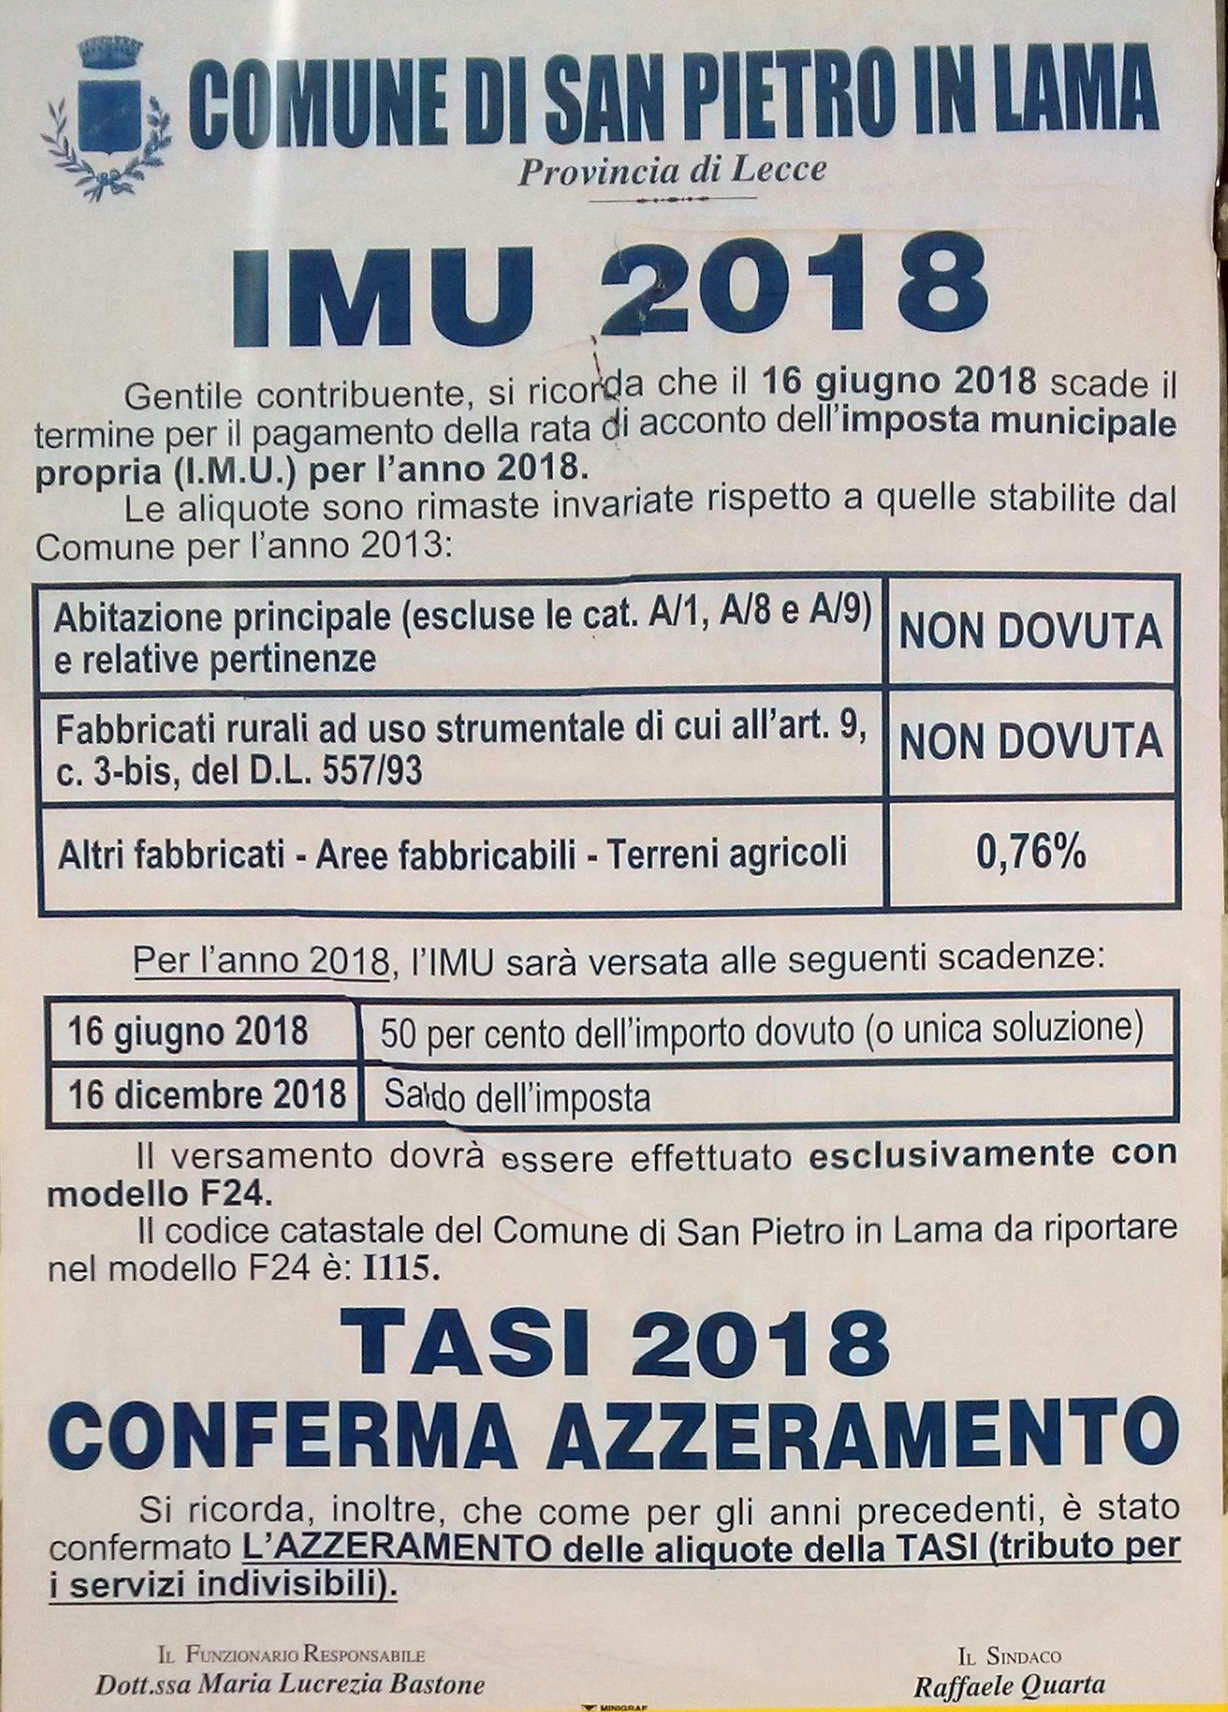 Fonte Avviso Pubbico: IMU 2018